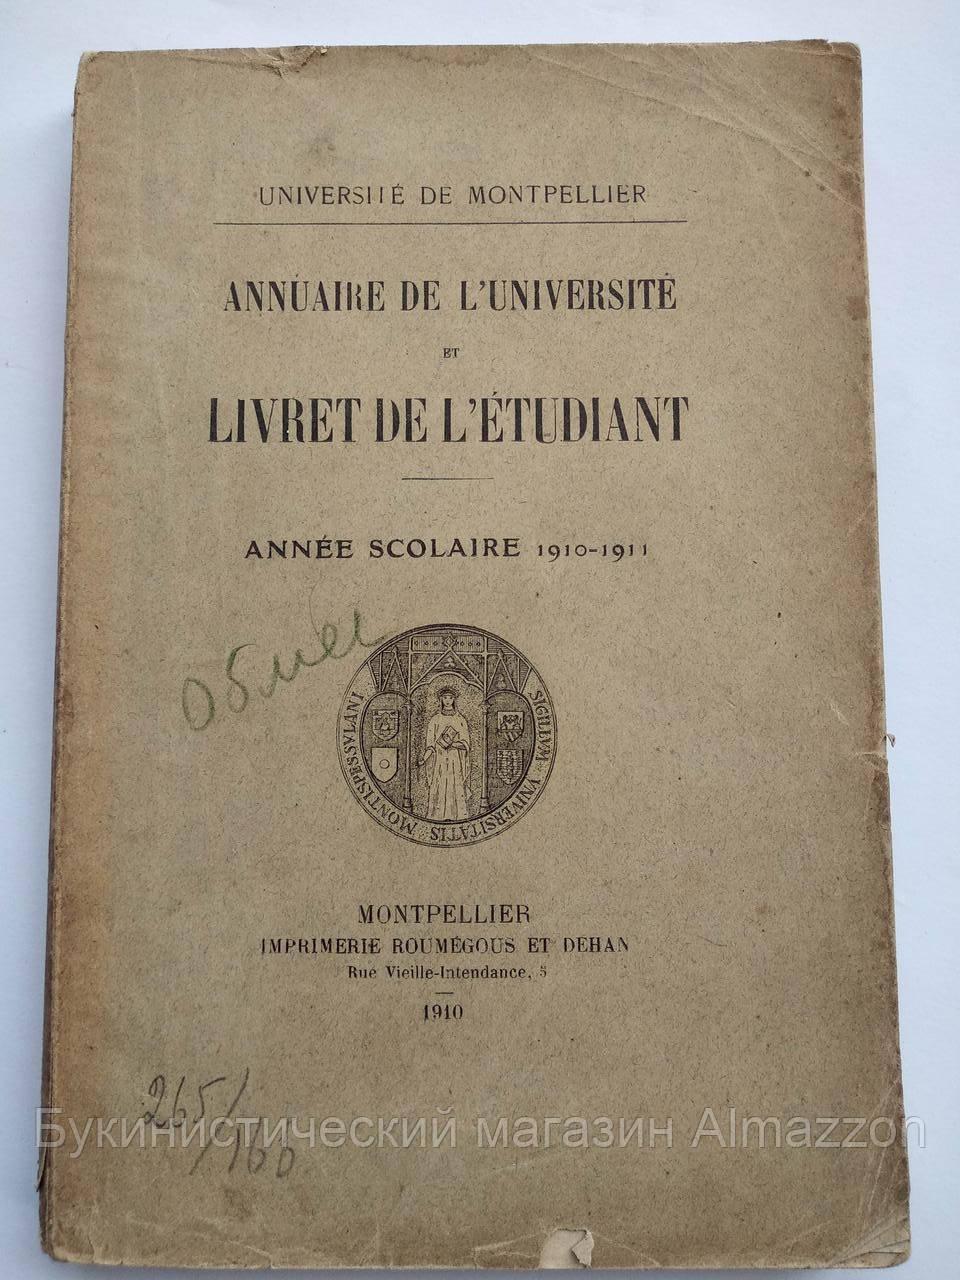 Annuare De L`Universite et Livret De L`Etudiant Annee Scolaire 1910-1911 MontPellier Французский язык